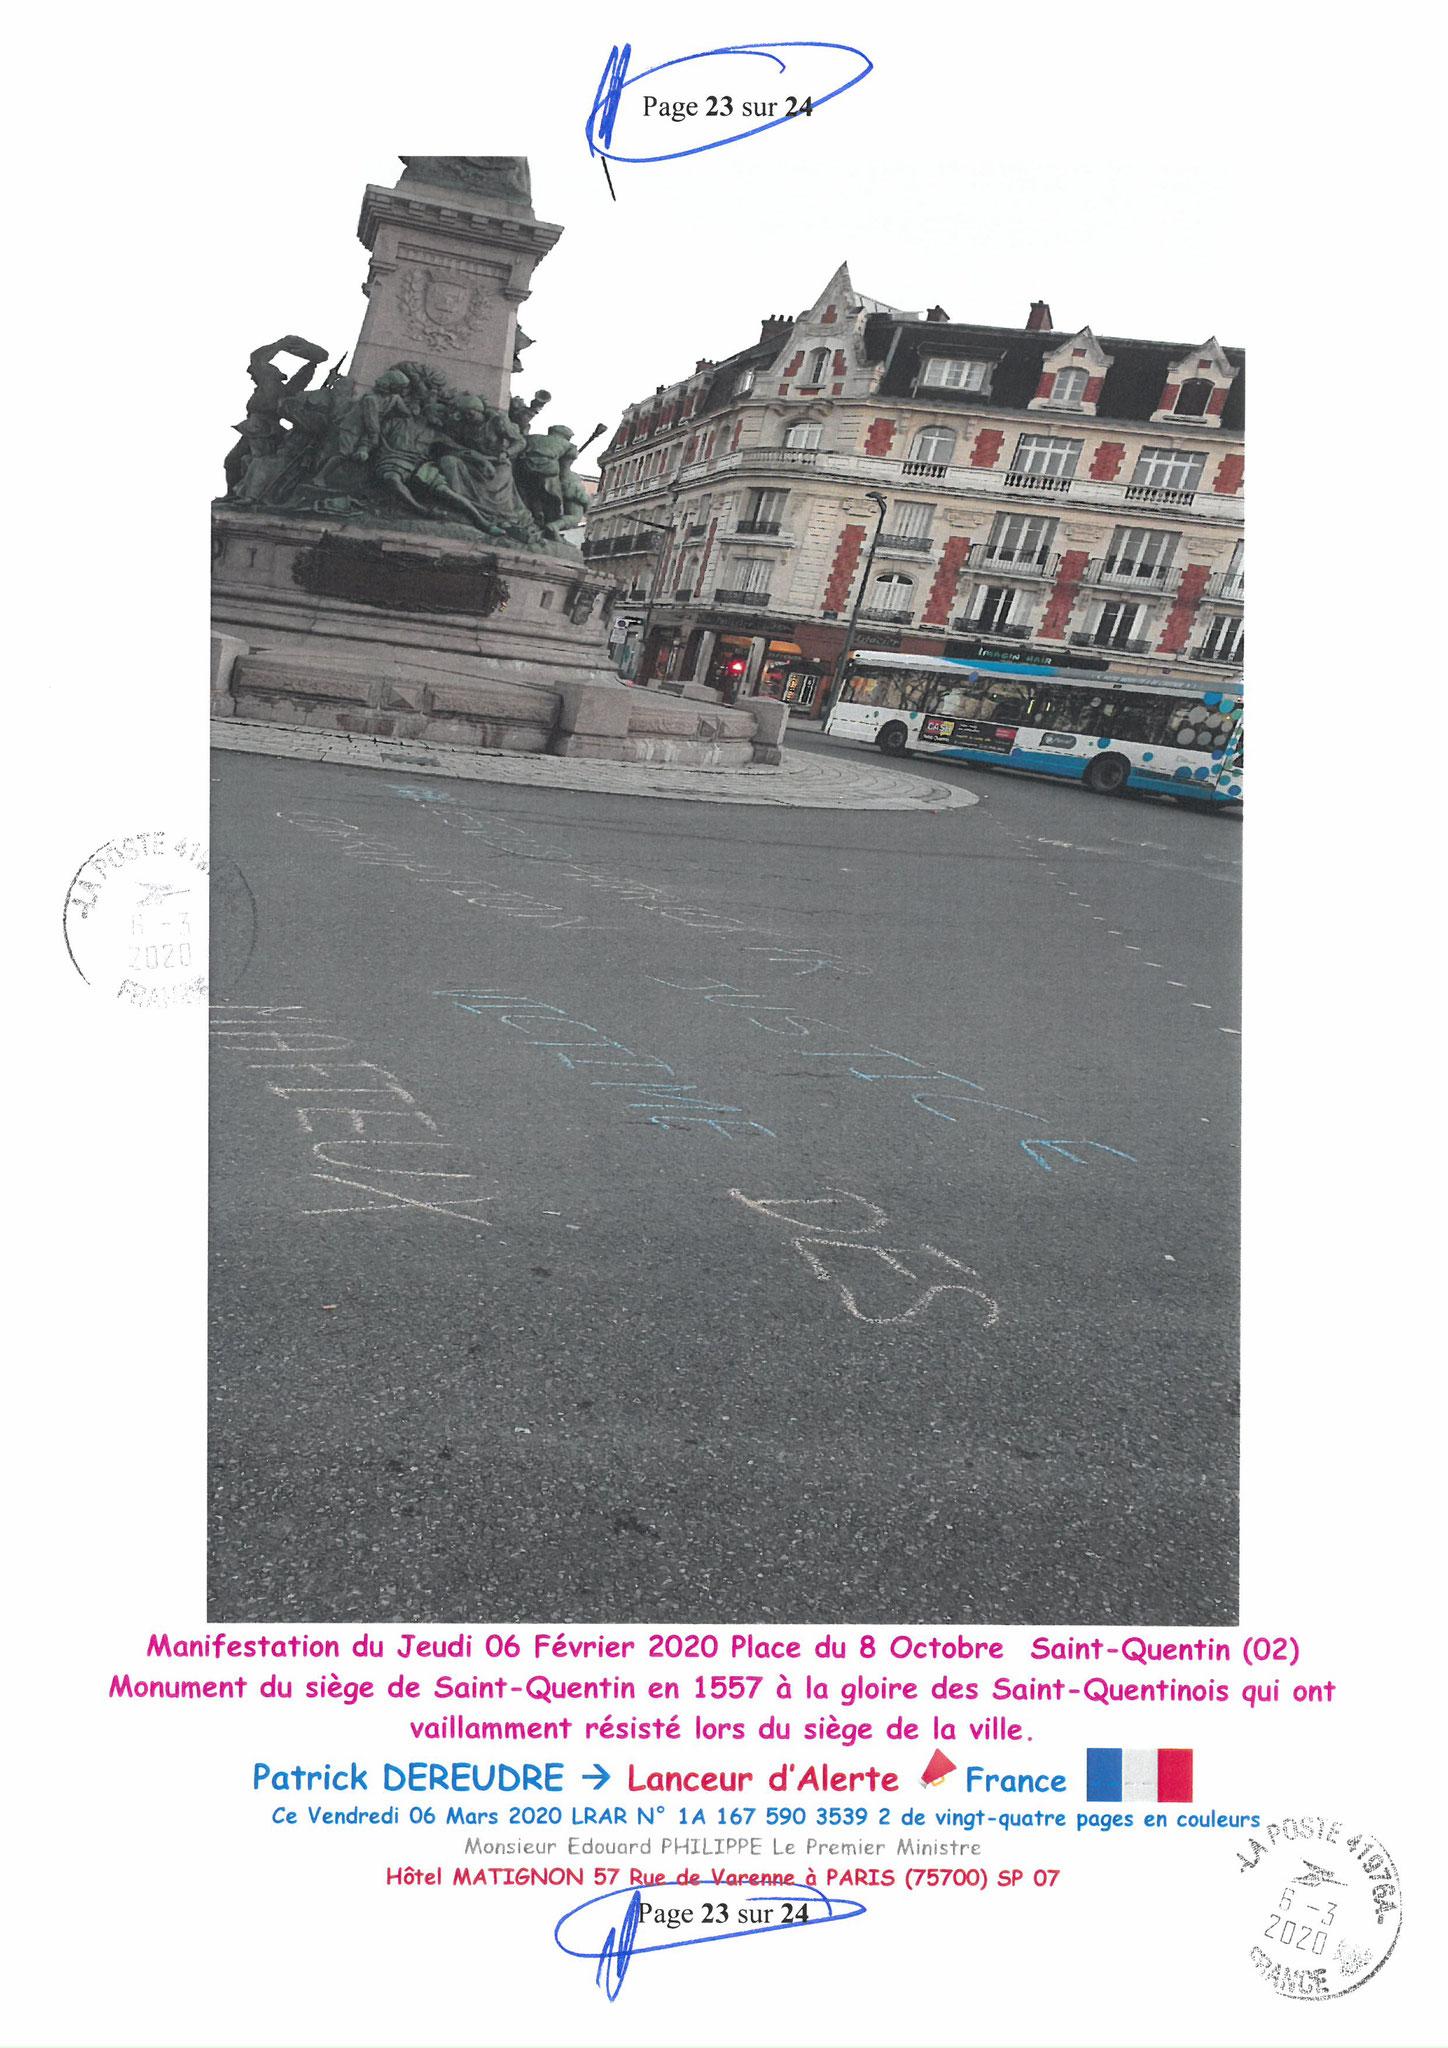 Ma LRAR à Monsieur le  Premier Ministre Edouard PHILIPPE N° 1A 167 590 3539 2 Page 23 sur 24 en Couleur du 06 Mars 2020  www.jesuispatrick.fr www.jesuisvictime.fr www.alerte-rouge-france.fr